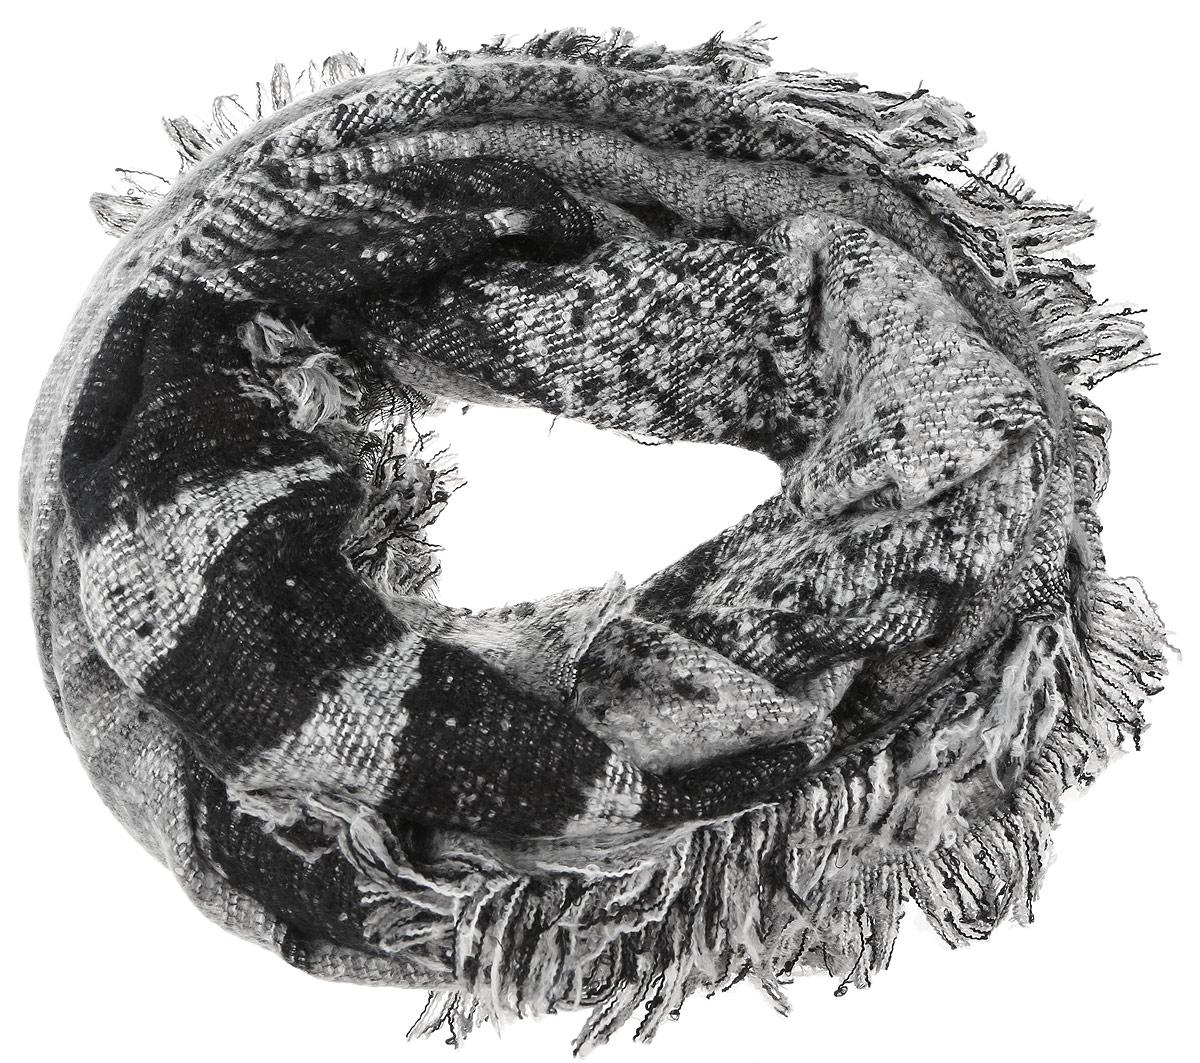 ПалантинYY-21662-22Элегантный и теплый палантин Sophie Ramage станет достойным завершением вашего образа. Палантин изготовлен из акрила и шерсти. Модель оформлена оригинальным геометрическим узором, а по краям дополнена бахромой. Палантин красиво драпируется, он превосходно дополнит любой наряд и подчеркнет ваш изысканный вкус. Такой палантин привнесет в ваш образ утонченность и шарм.